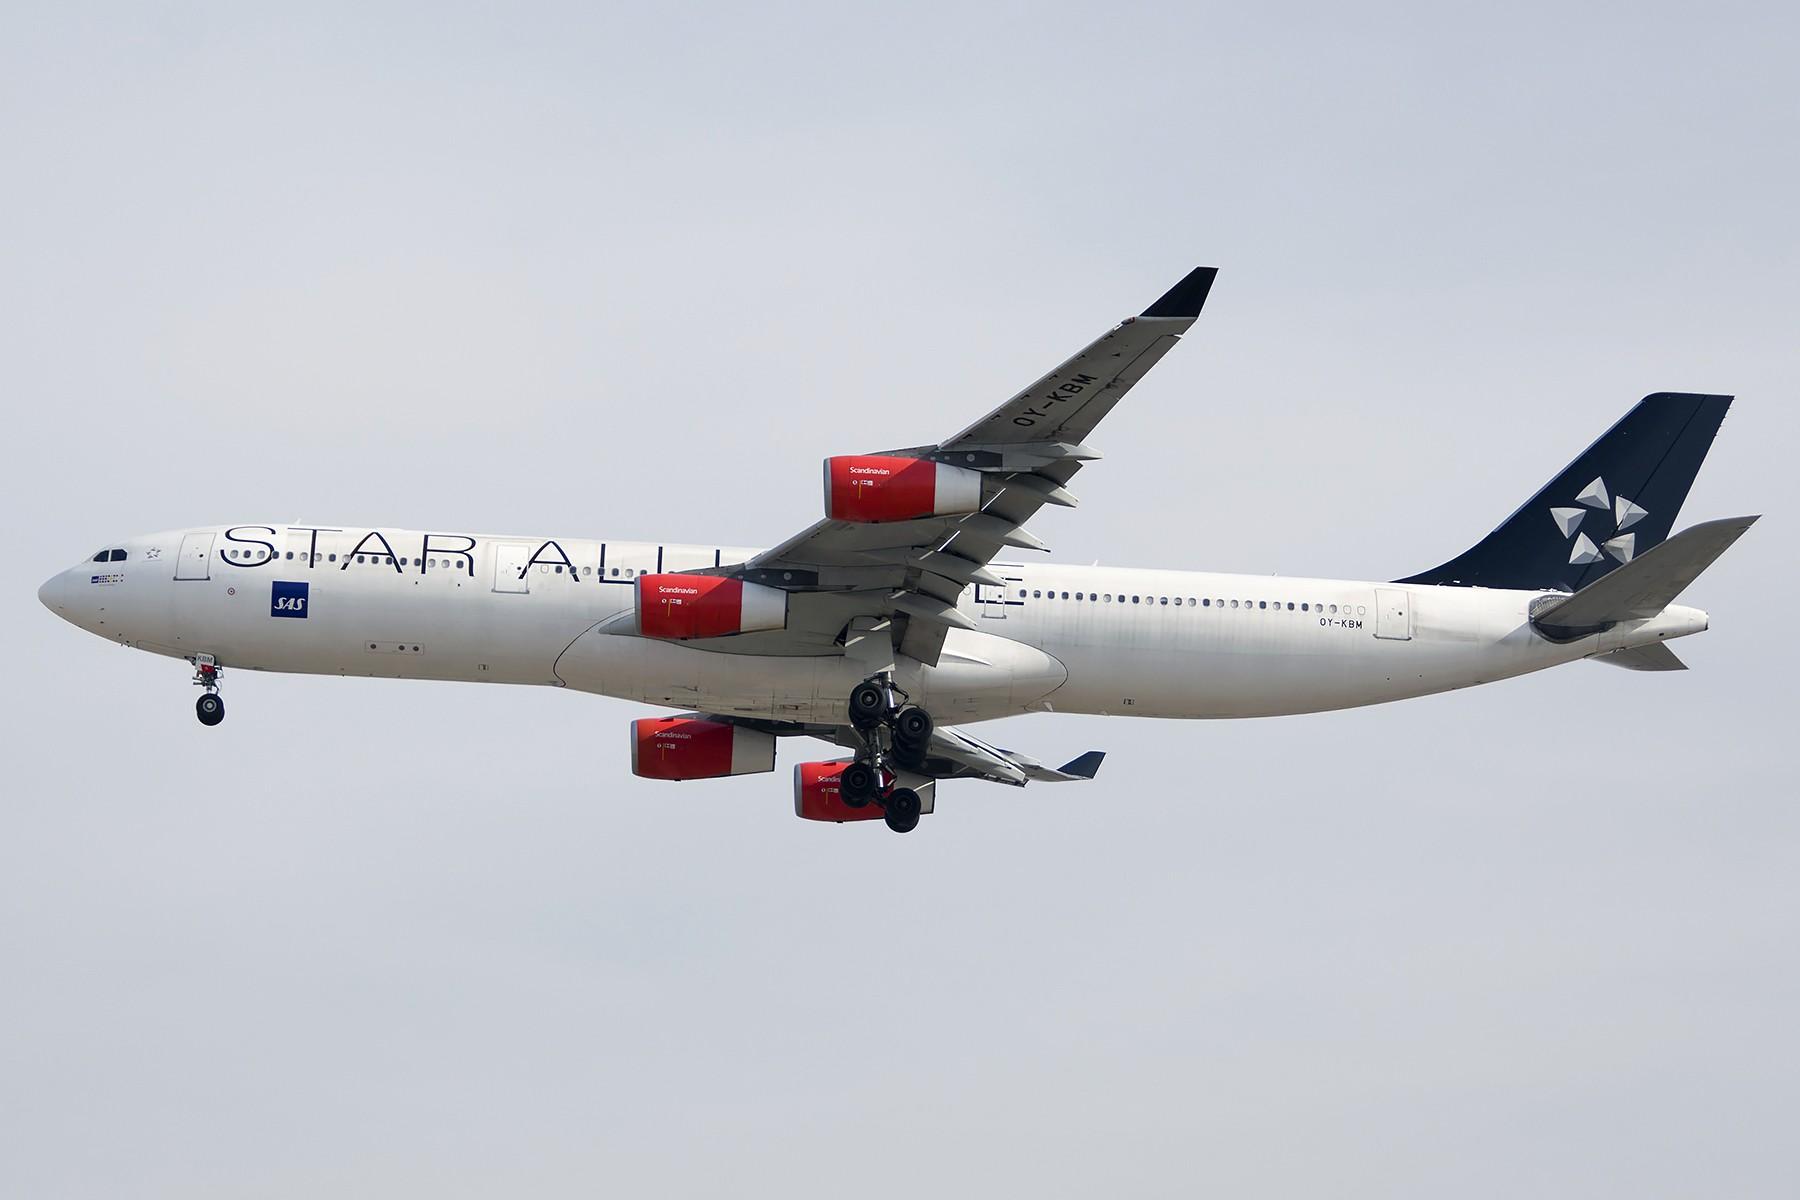 Re:2015-1-17 首都机场烂天里的若干渣图 AIRBUS A340-300 OY-KBM 中国北京首都国际机场